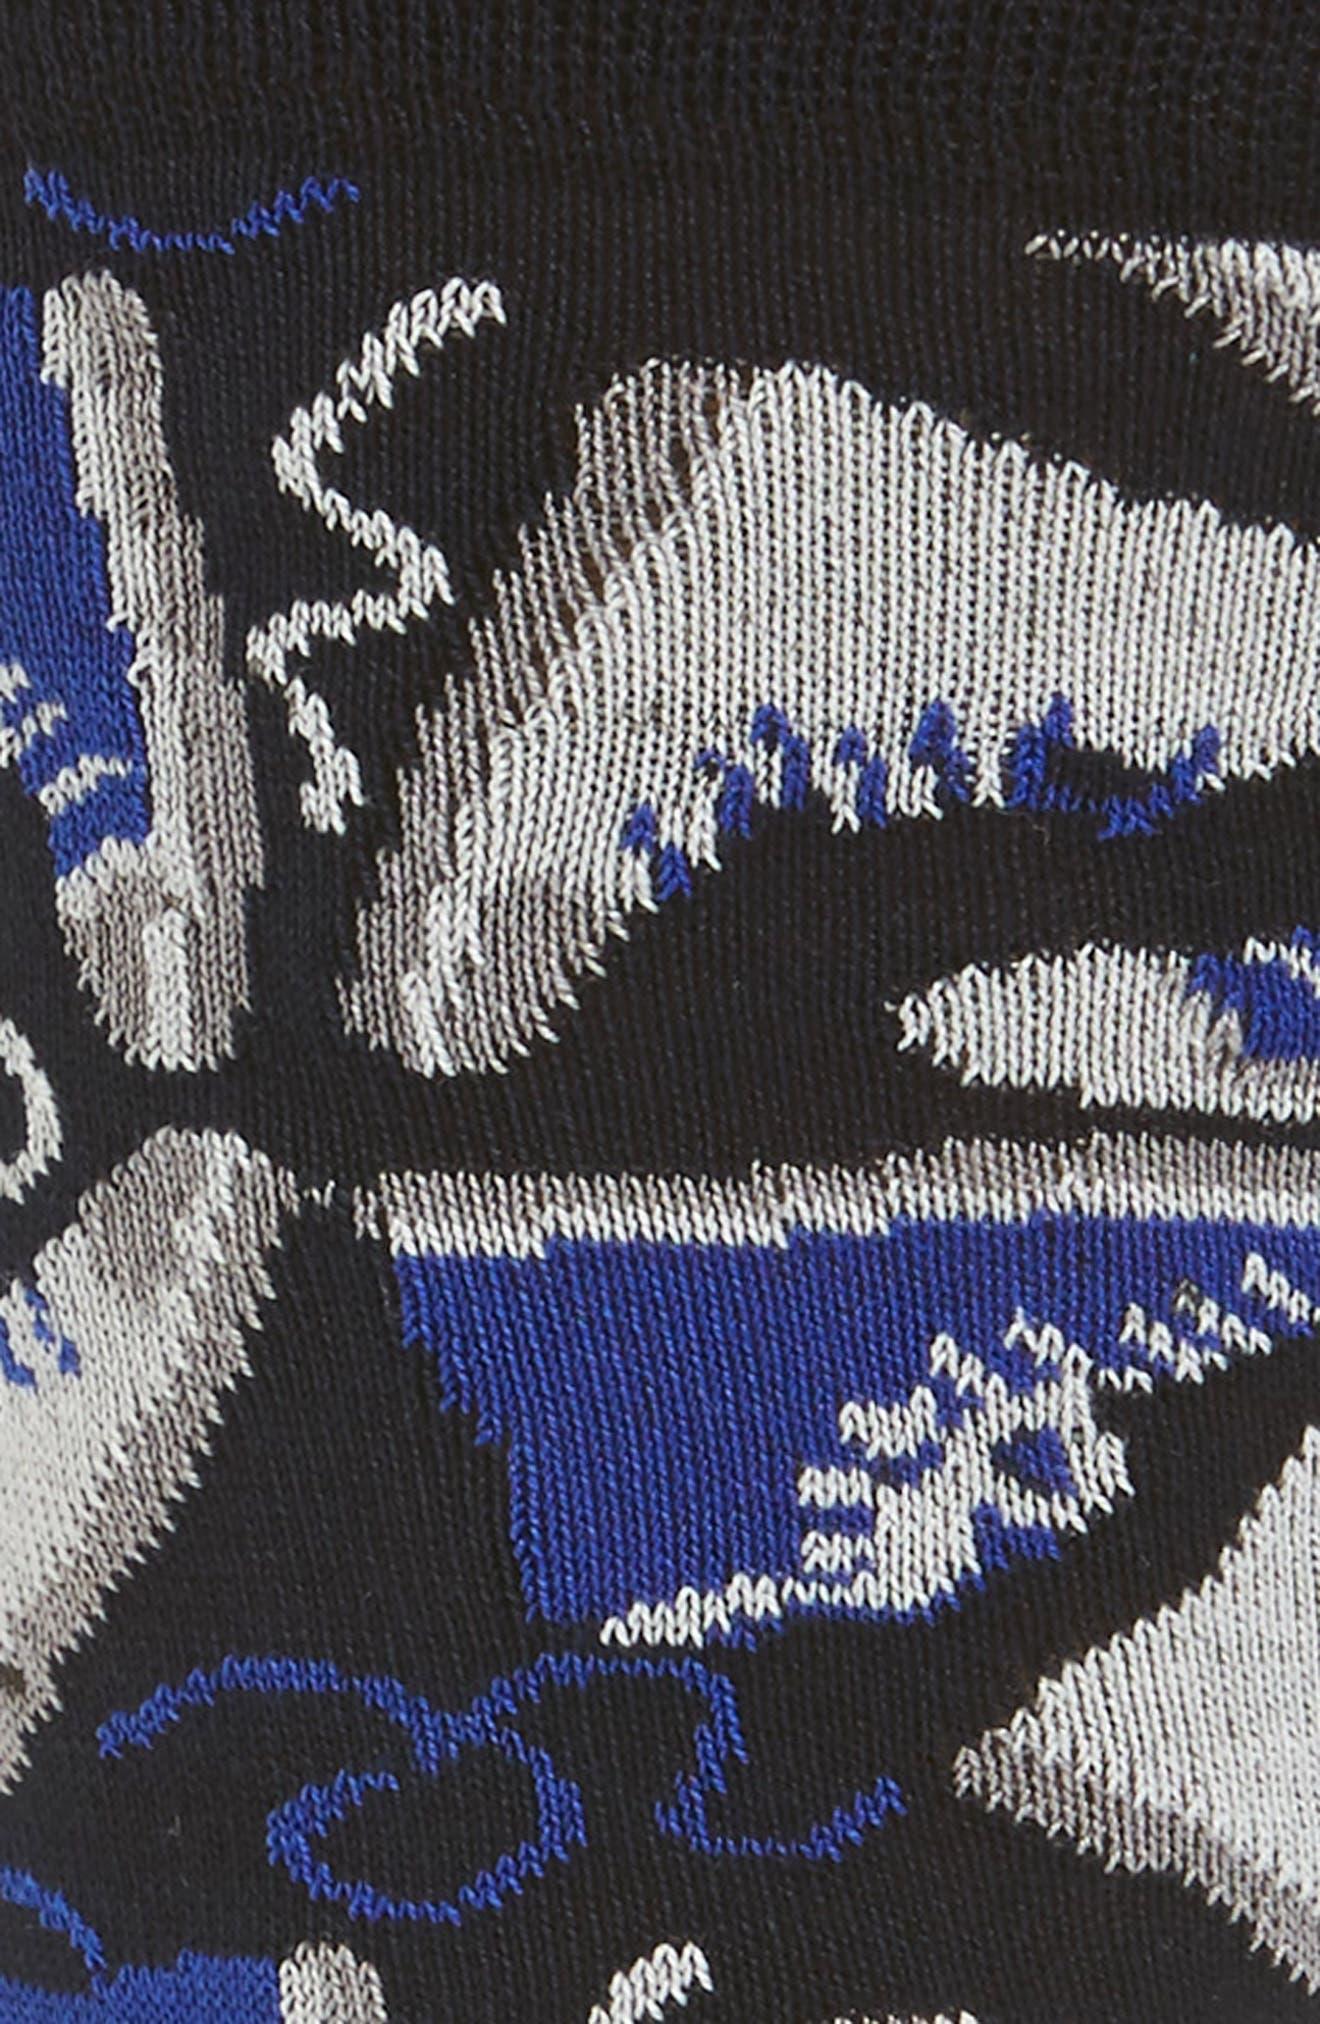 Sneaker Patterned Socks,                             Alternate thumbnail 2, color,